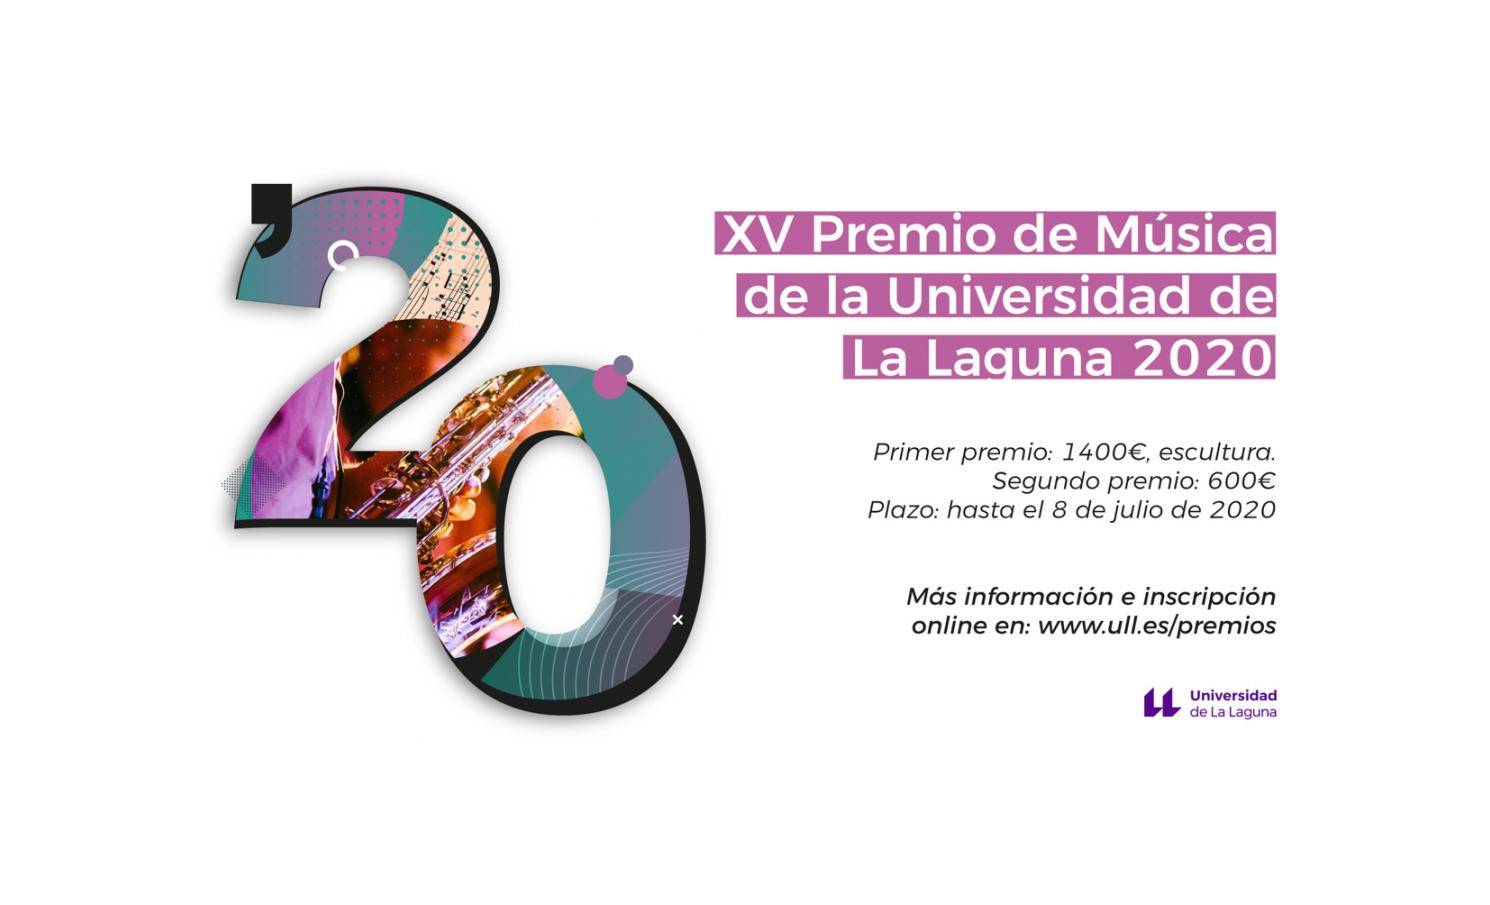 XV PREMIO DE MÚSICA DE LA UNIVERSIDAD  DE LA LAGUNA 2020